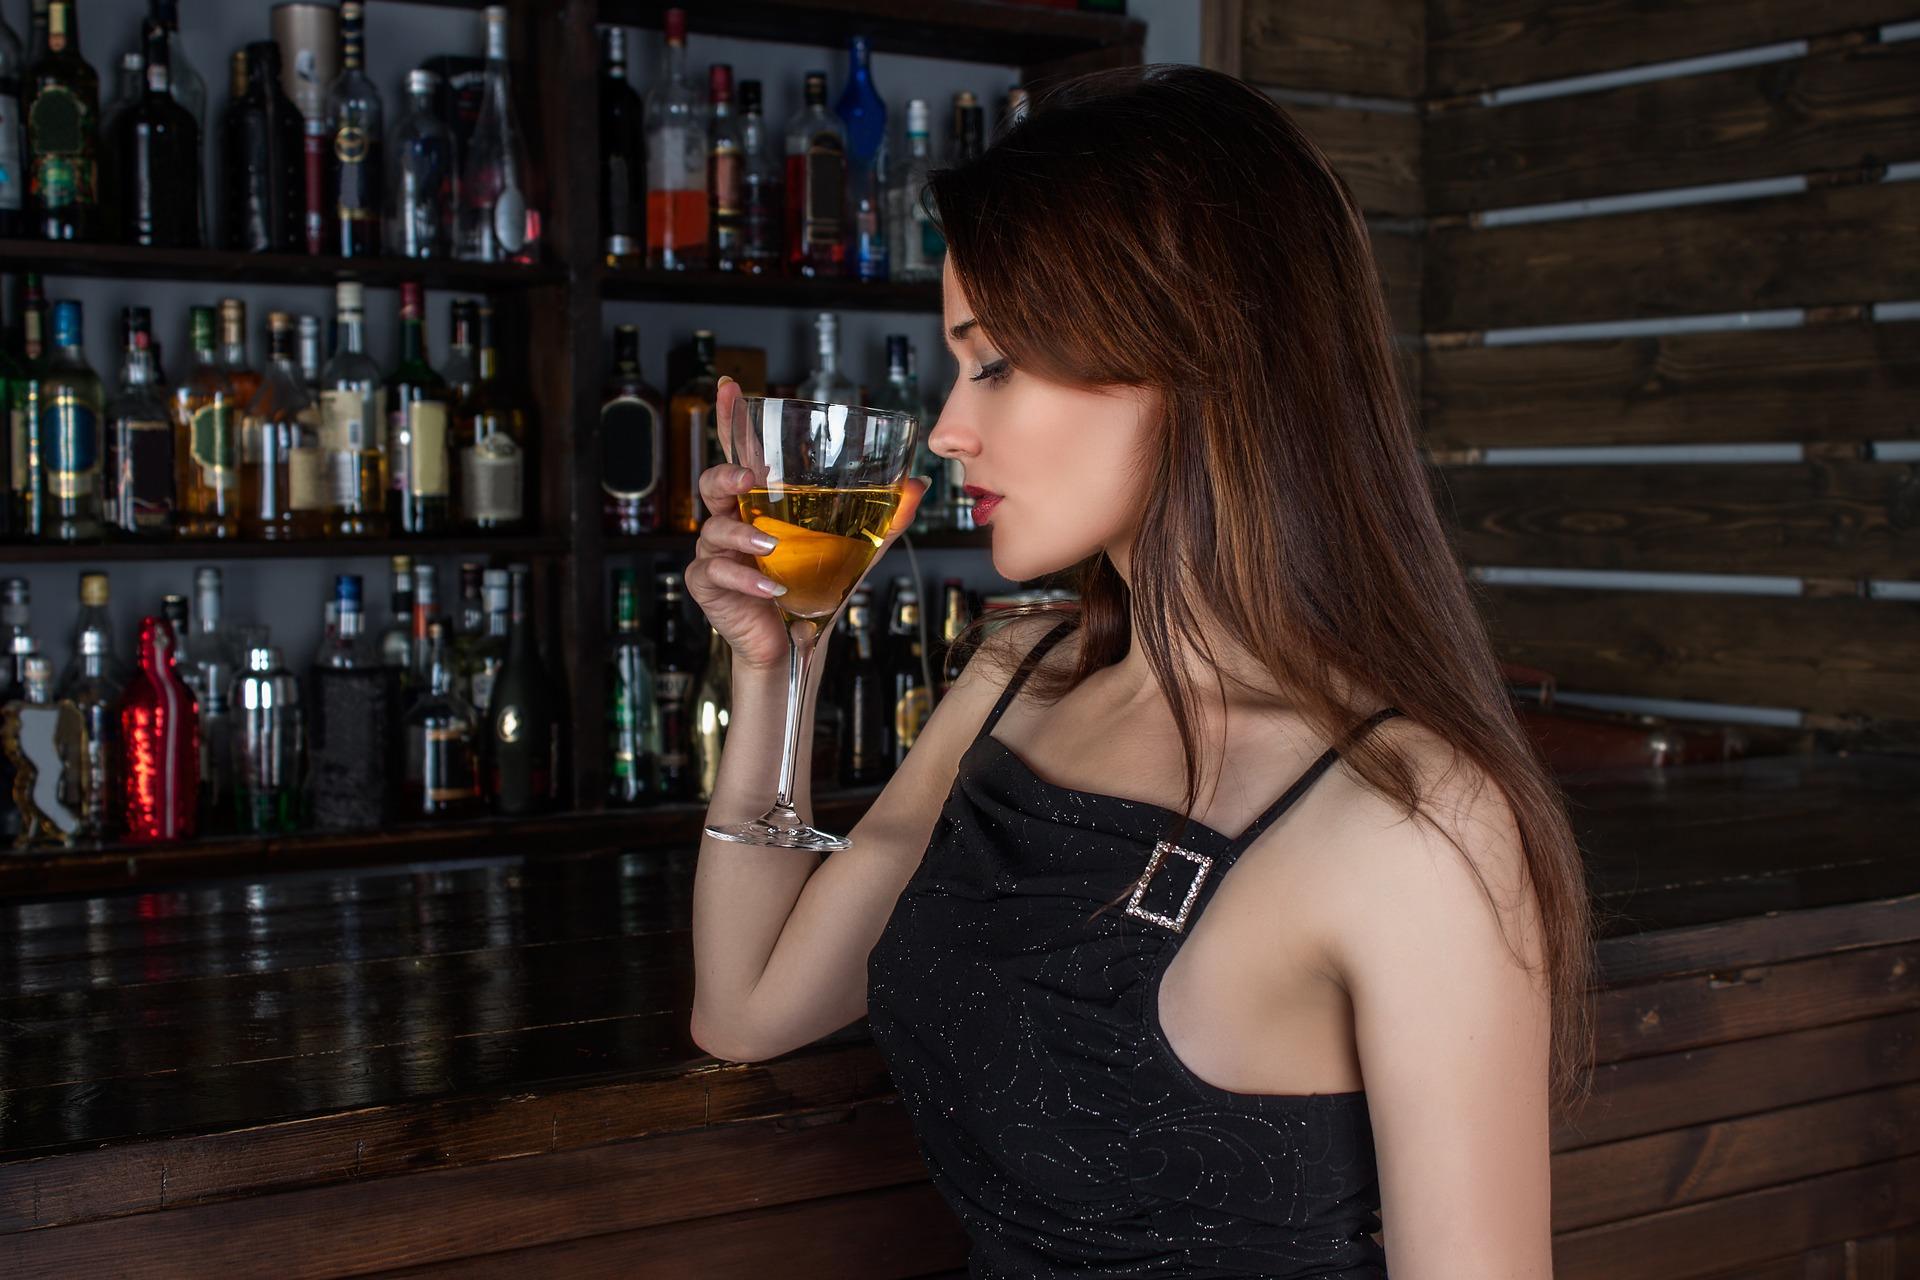 žena a víno